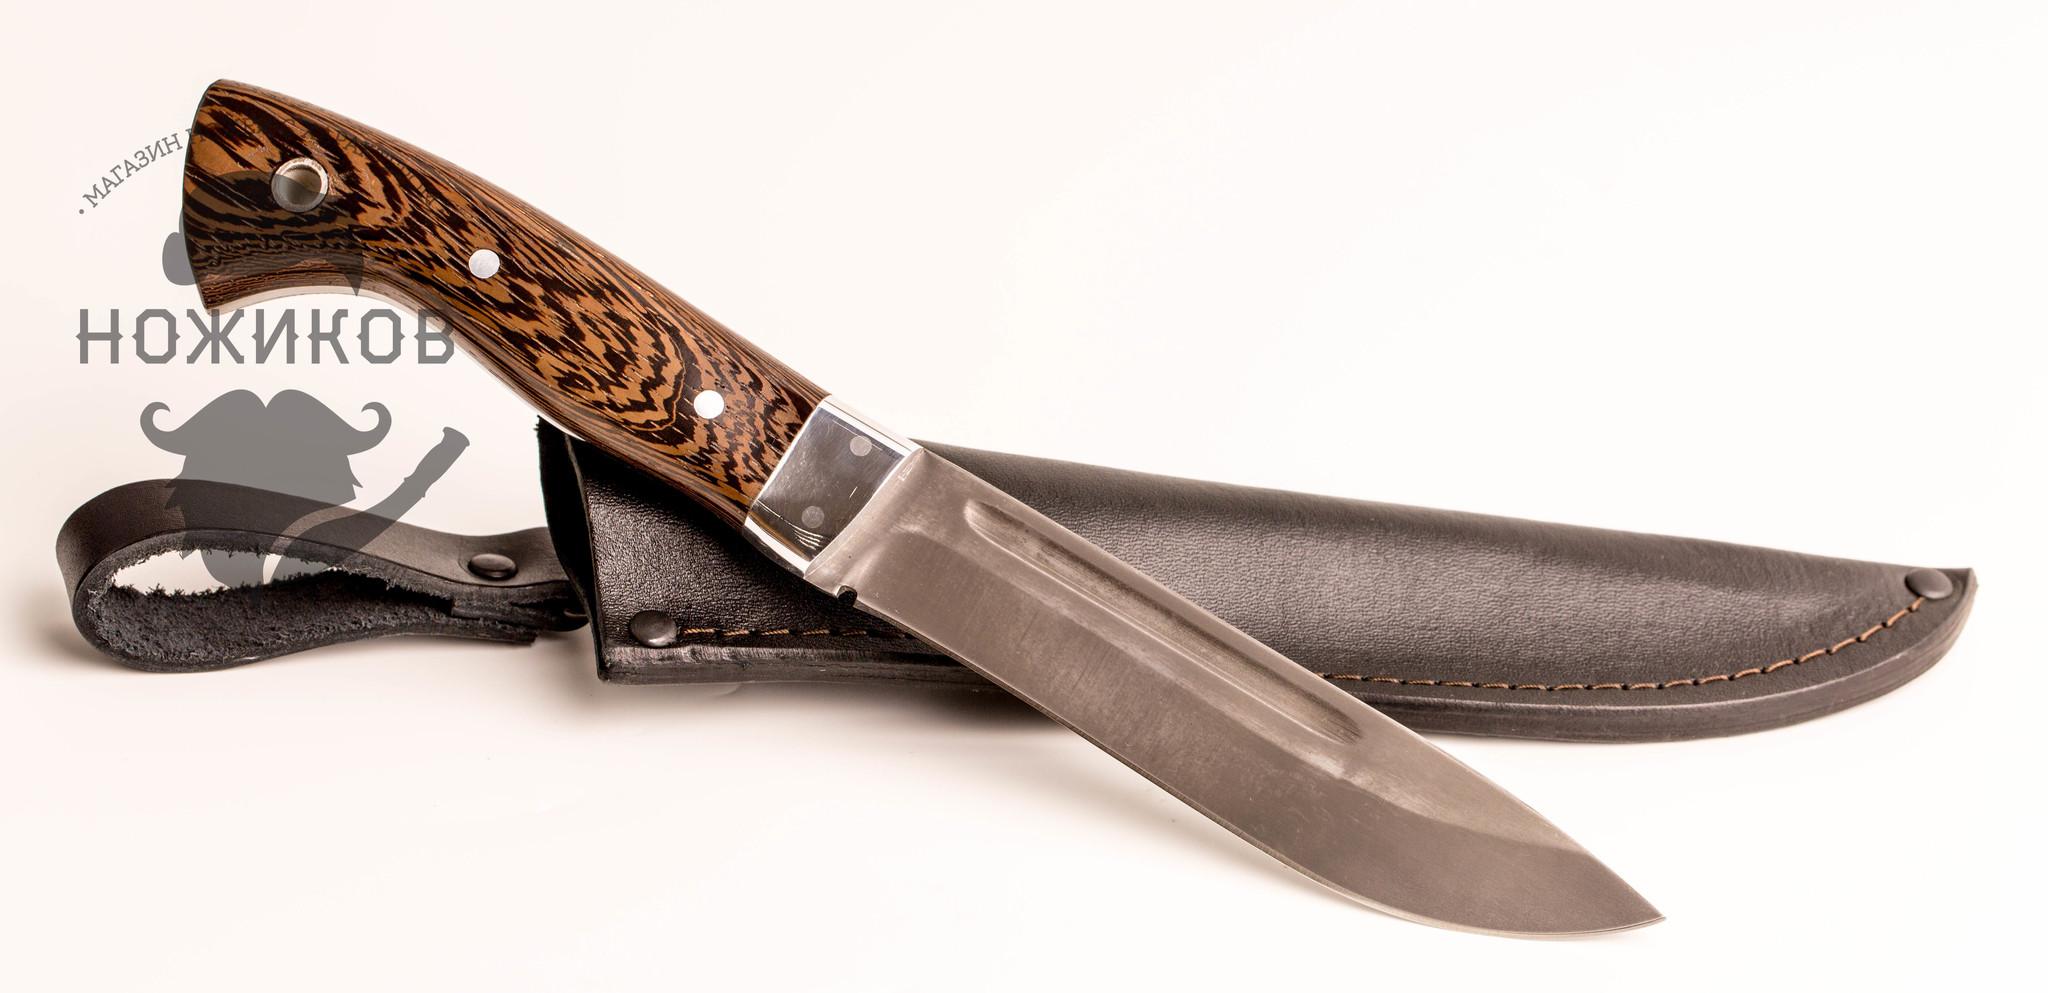 Фото 7 - Нож МТ-7, цельнометаллический Х12МФ, венге, Ворсма